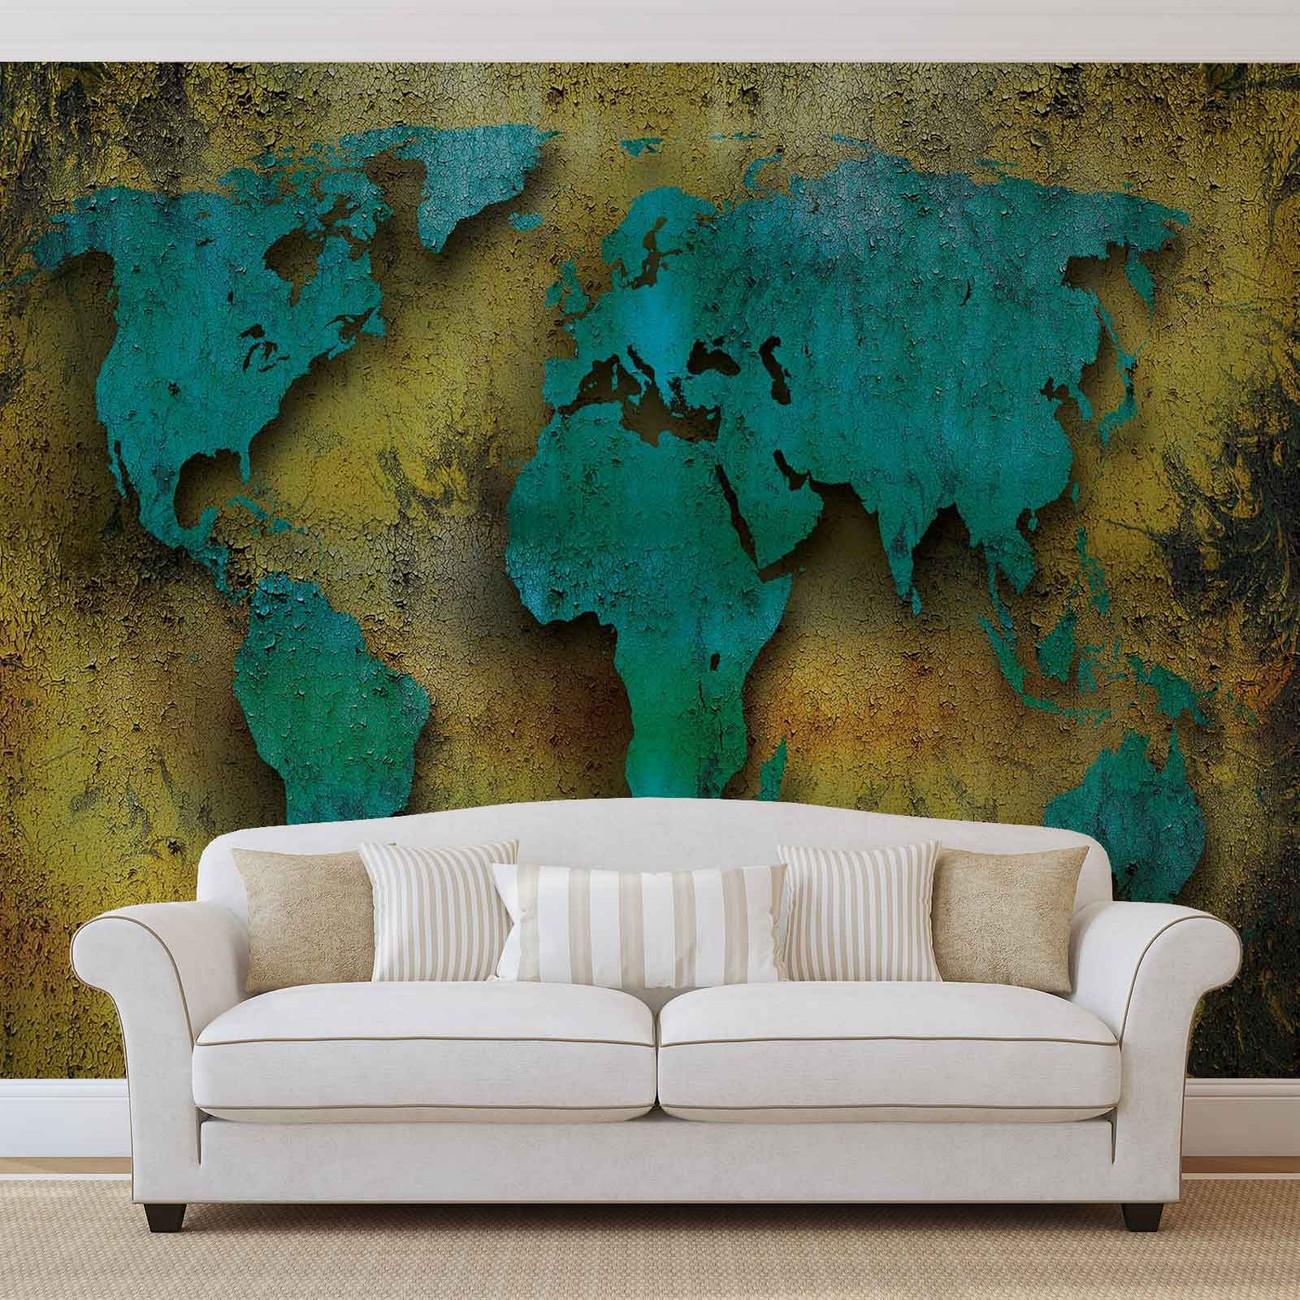 Carta da parati mappa del mondo su legno for Carta da parati cartina geografica